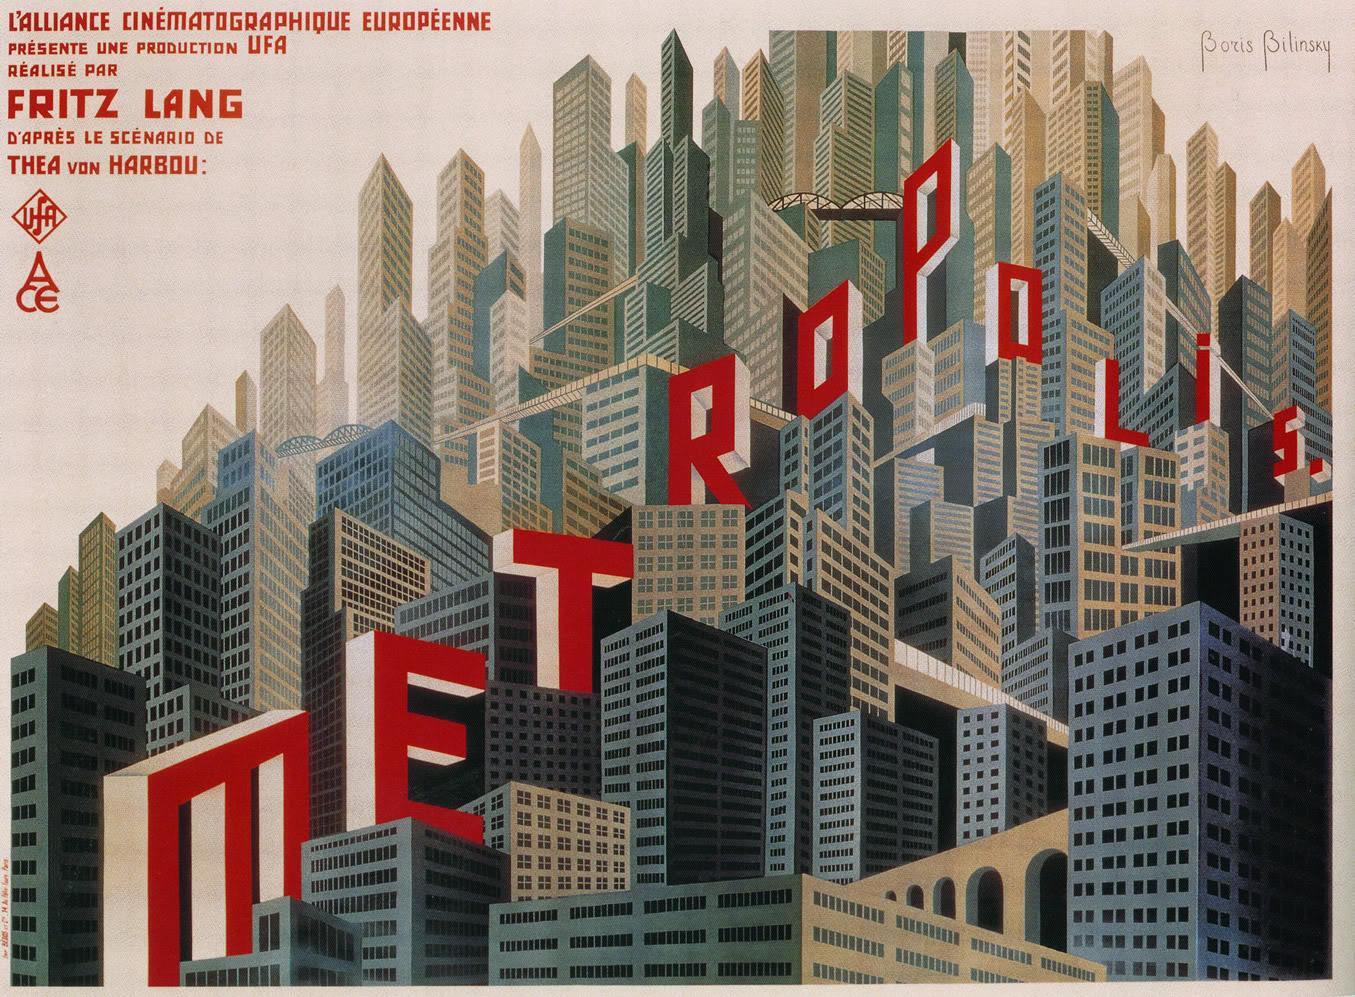 Metropolis_4panel_xxlrg